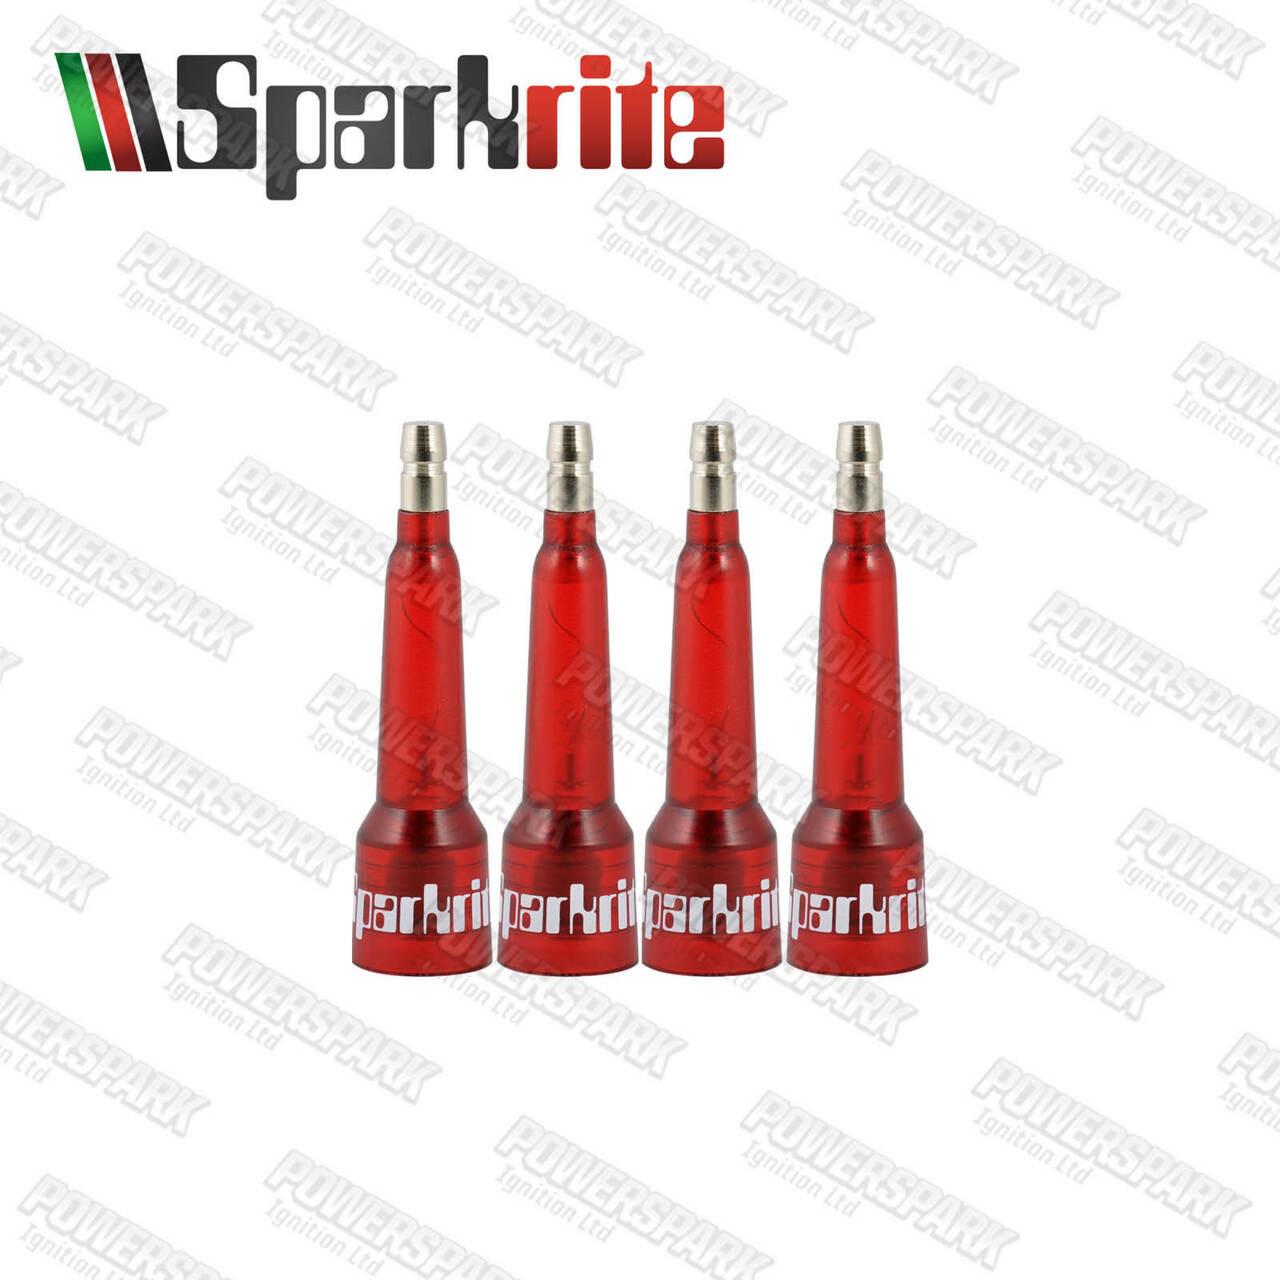 Sparkrite Sparkrite Spark Plug Tester Set of 4